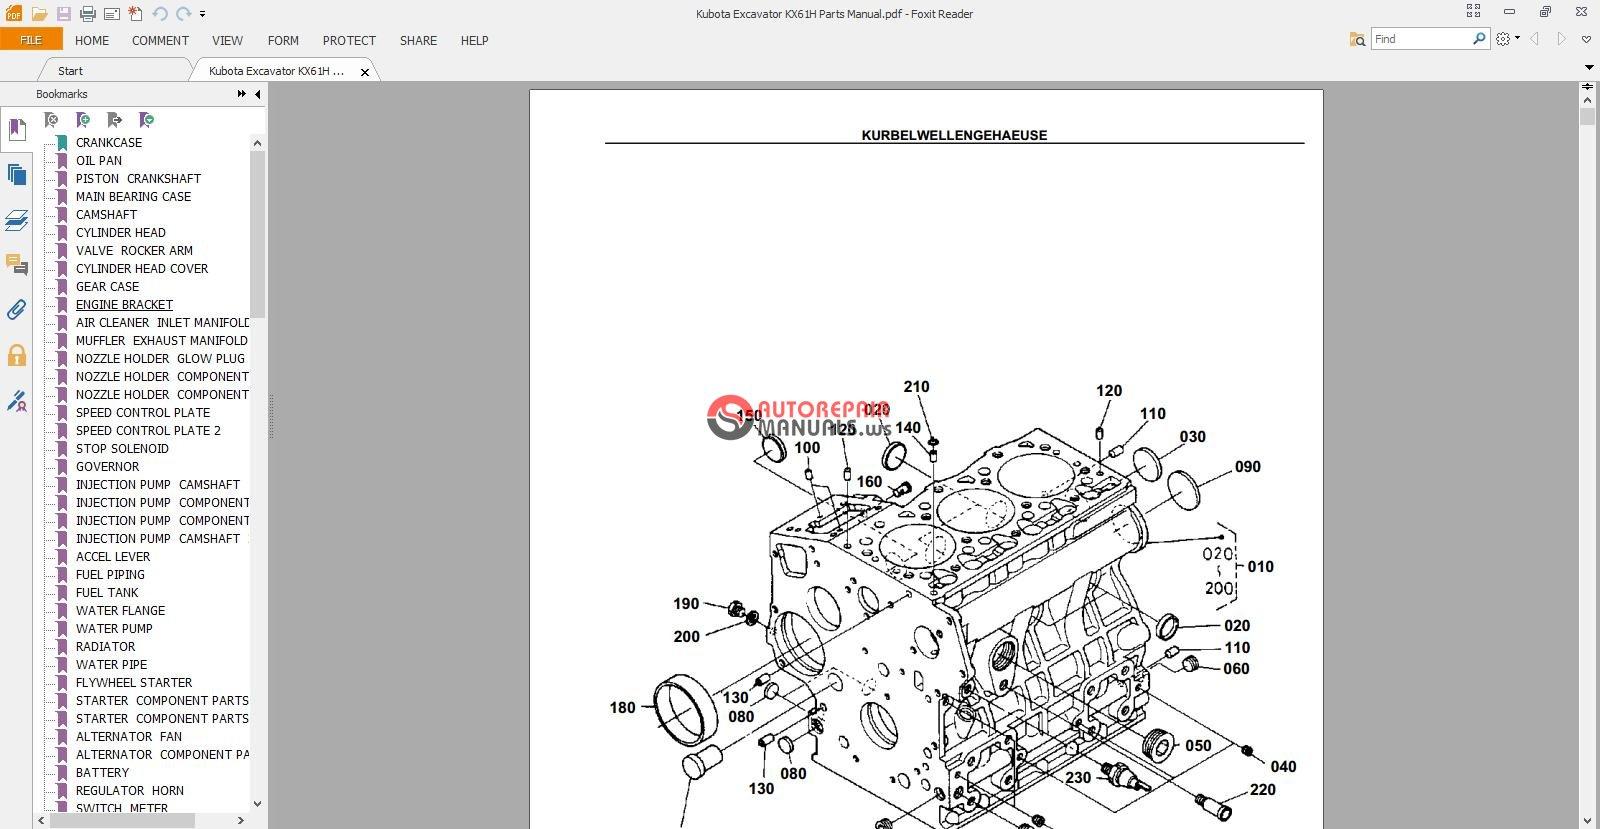 Kubota Excavator KX61H Parts Manual.jpg